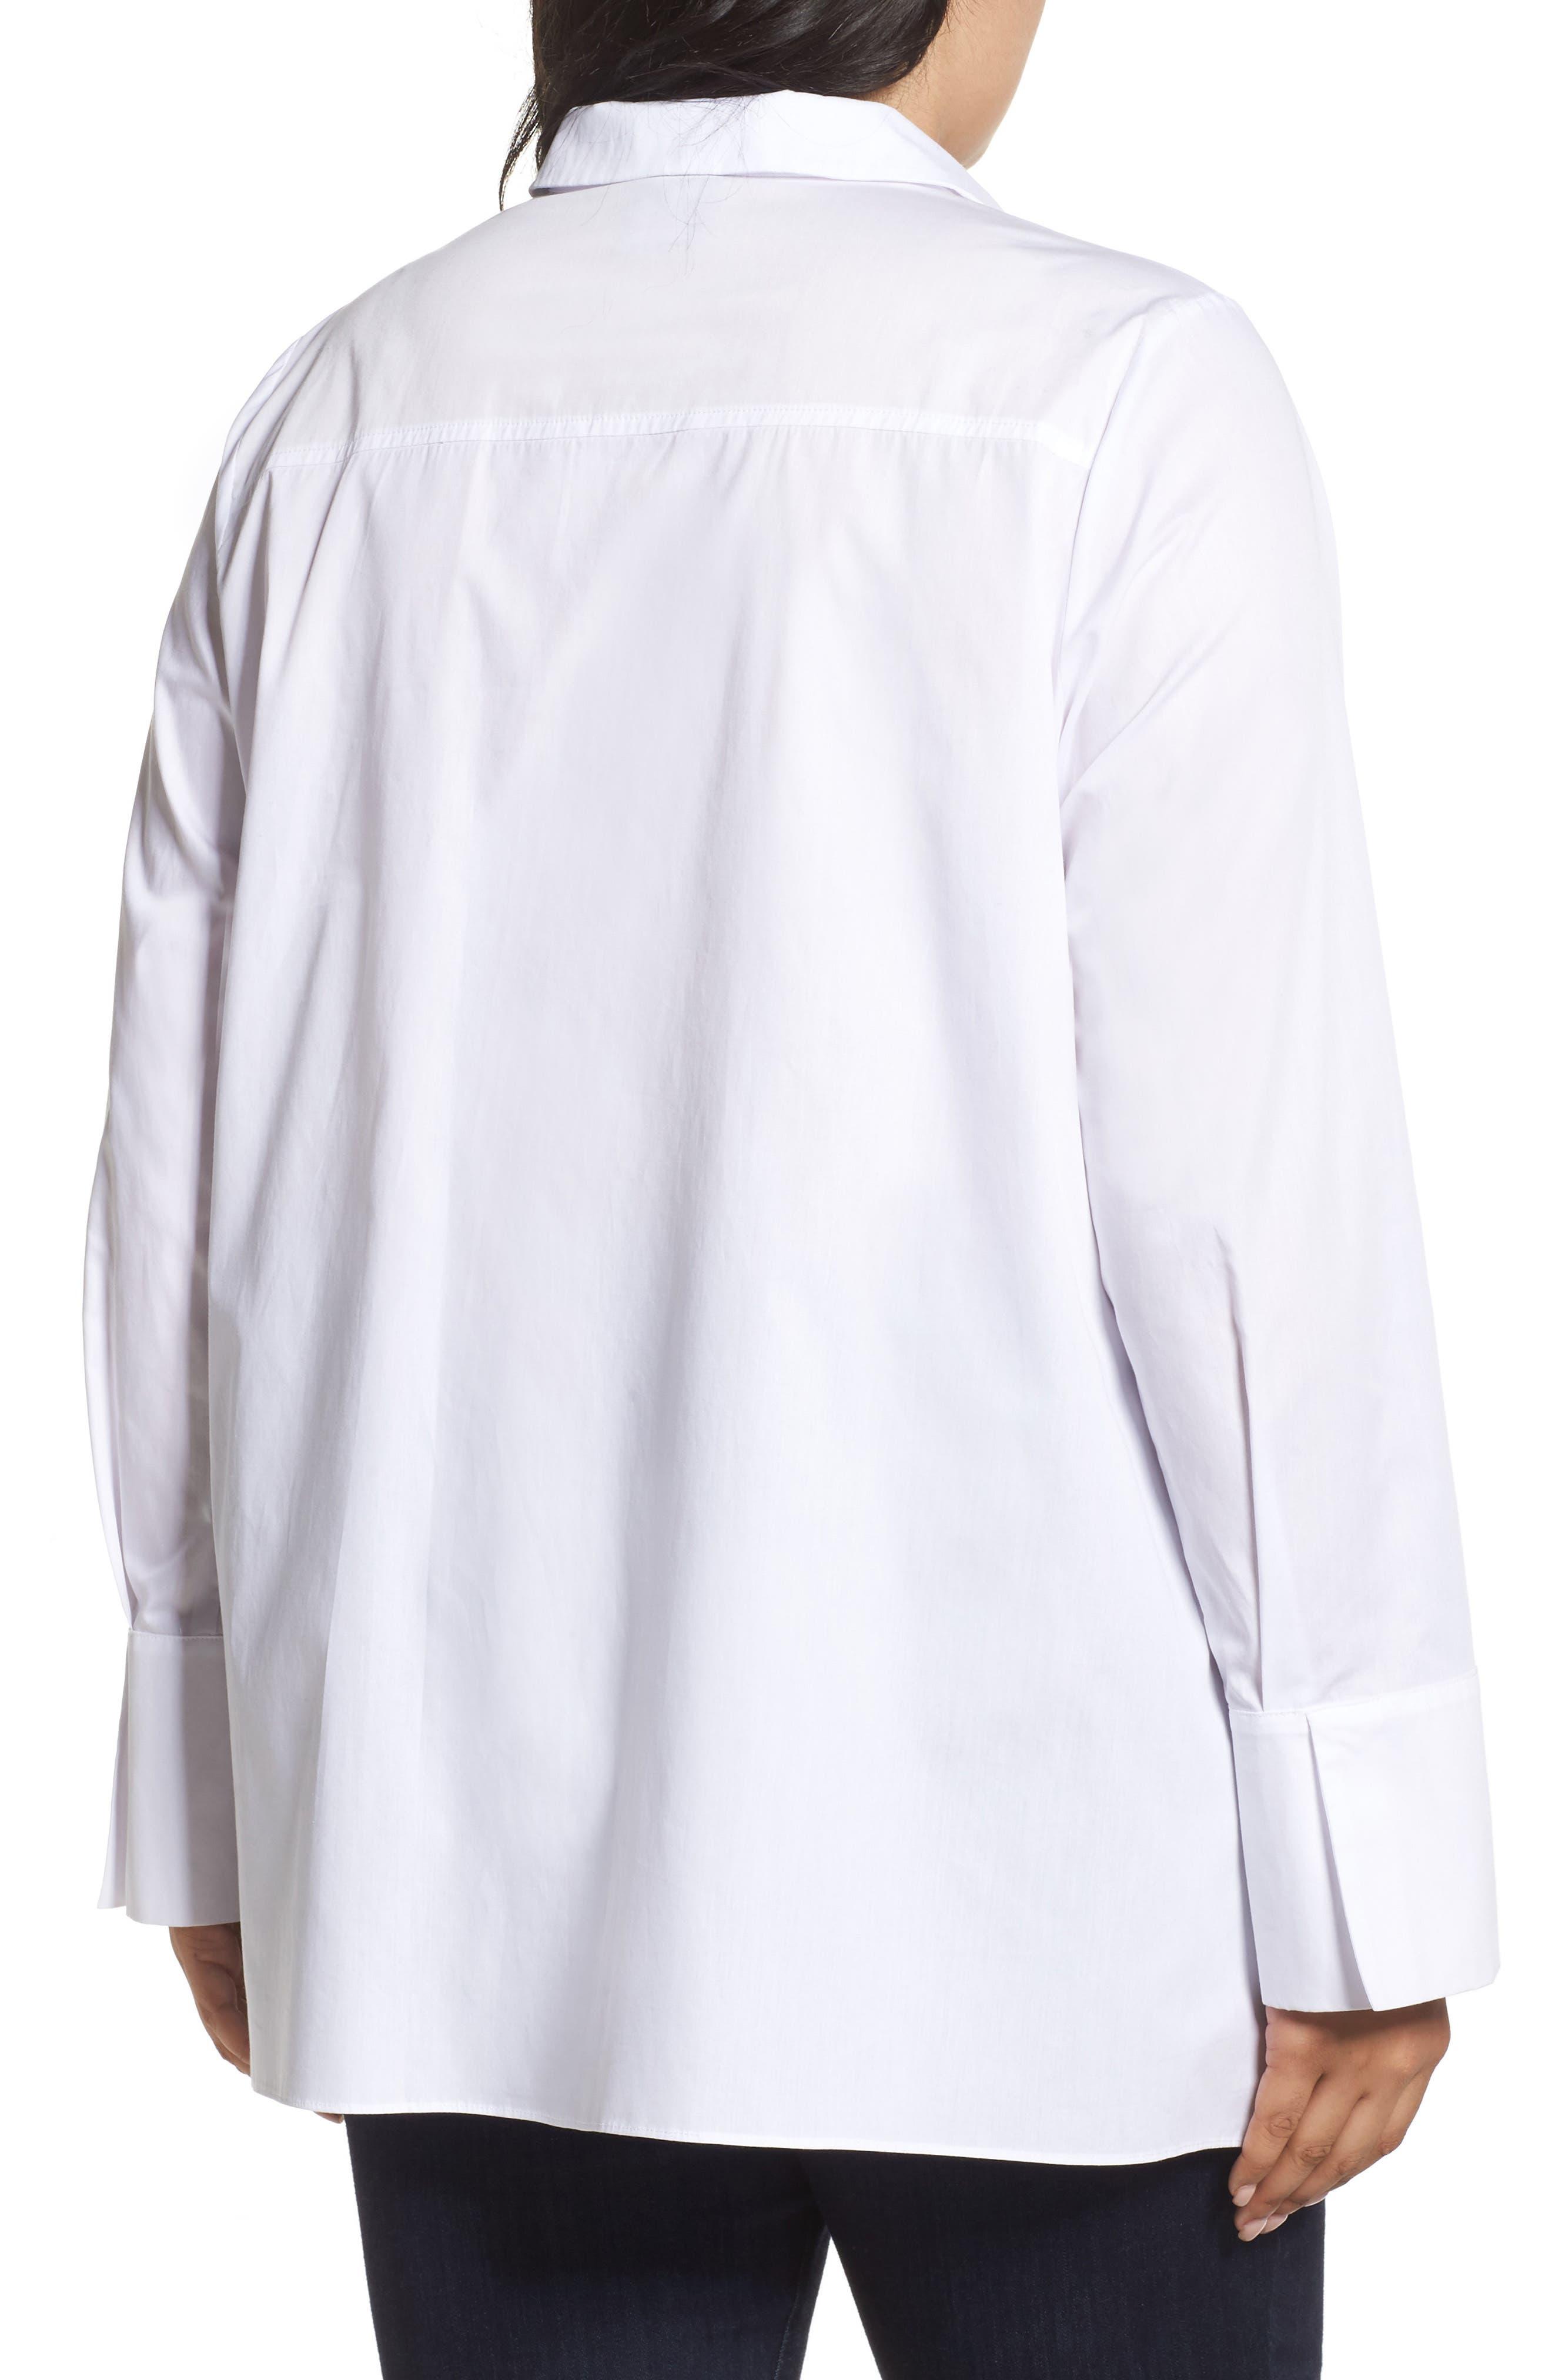 Fato Shirt,                             Alternate thumbnail 2, color,